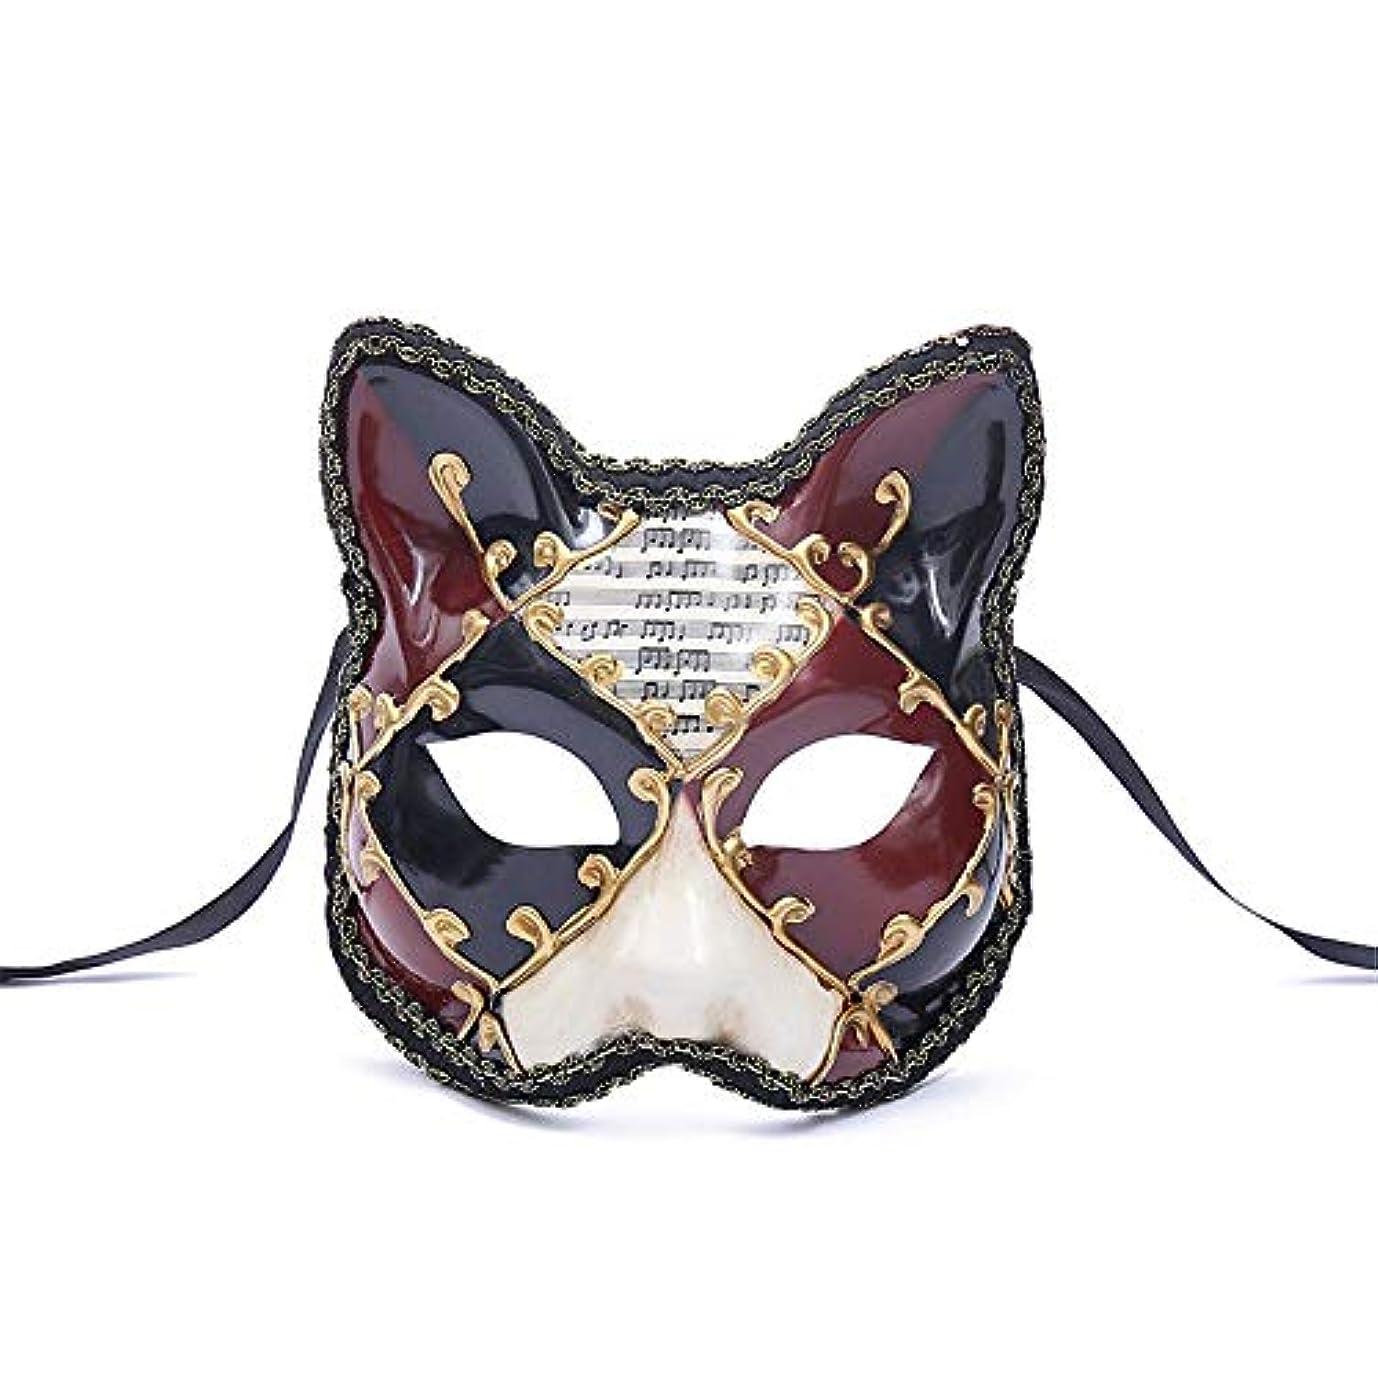 カフェ牽引スポーツマンダンスマスク 大きな猫アンティーク動物レトロコスプレハロウィーン仮装マスクナイトクラブマスク雰囲気フェスティバルマスク パーティーボールマスク (色 : 赤, サイズ : 17.5x16cm)